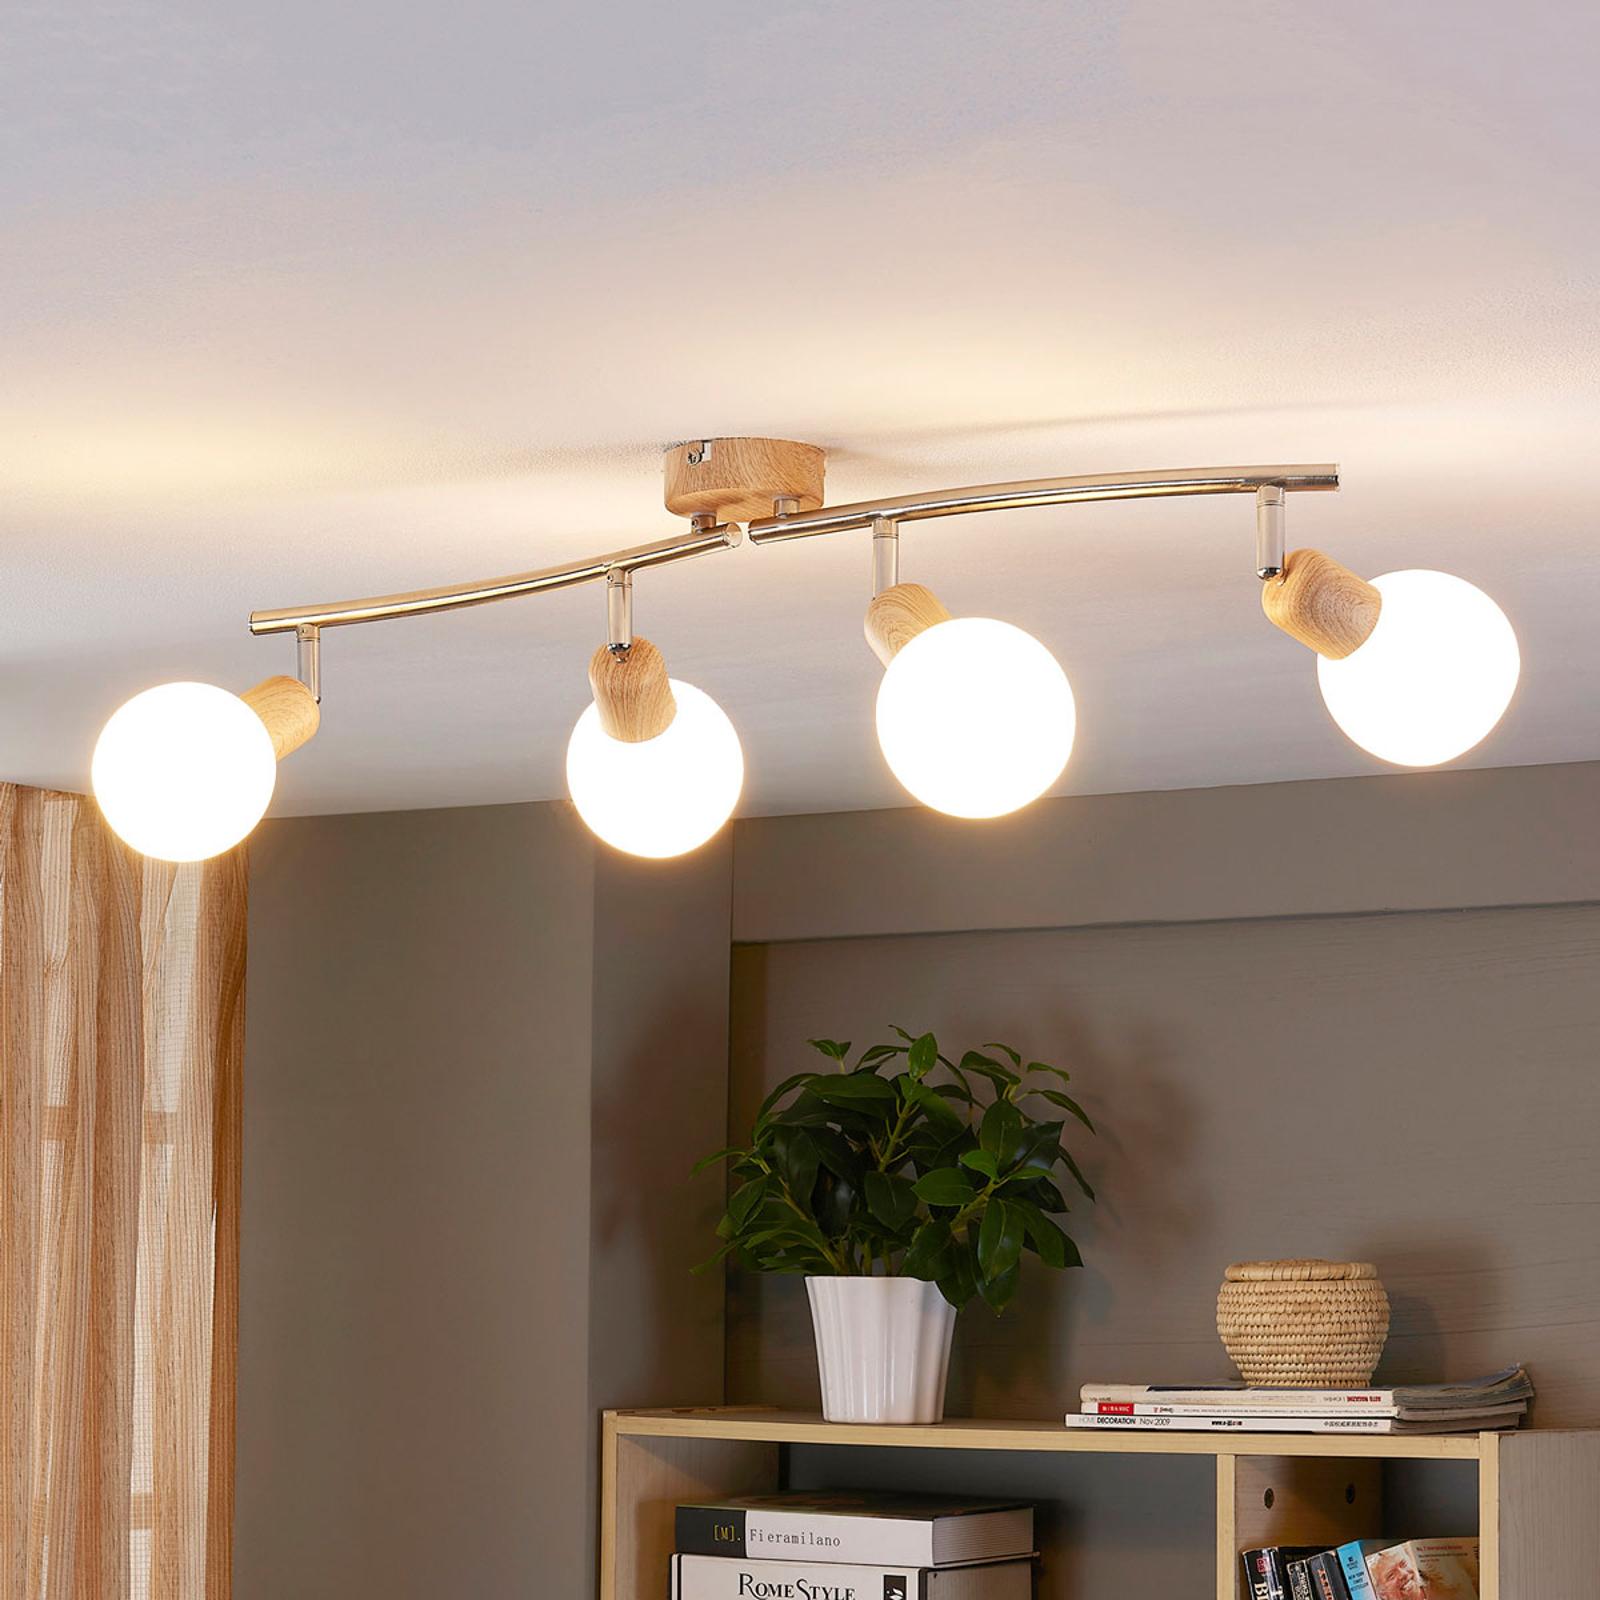 LED-Deckenleuchte Svenka, 4-flg.